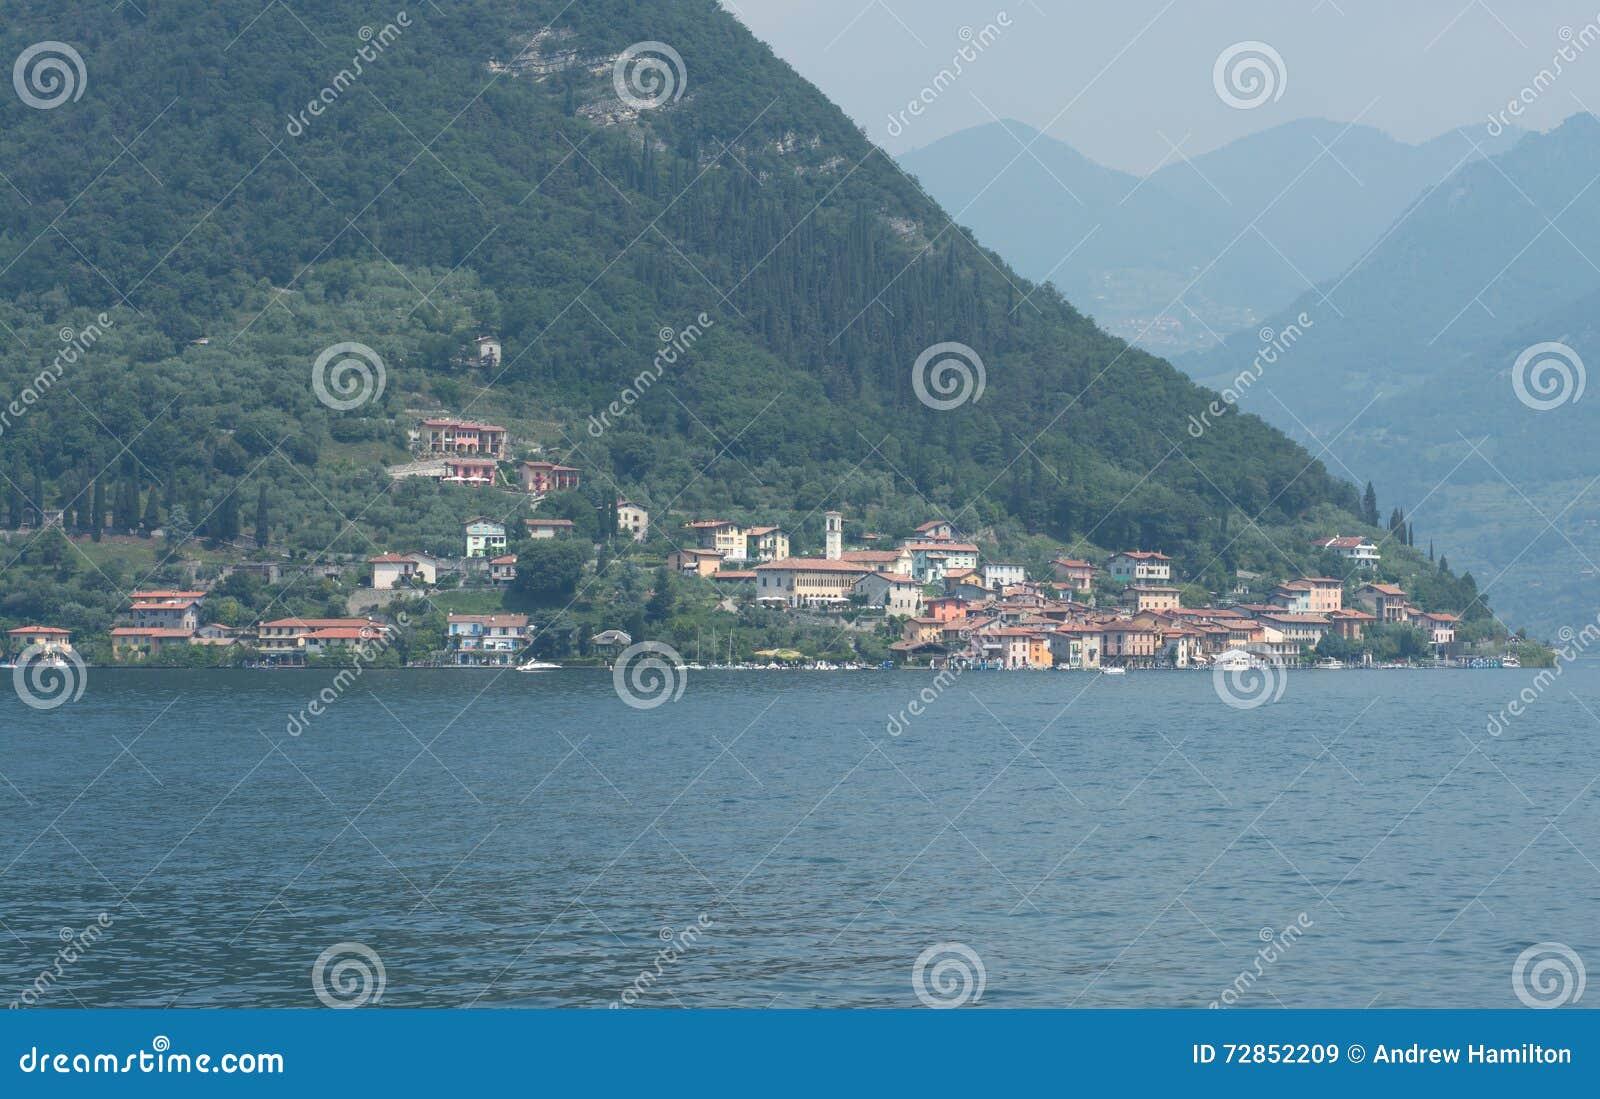 Carzano-Dorf Monte Isola Iseo Italy